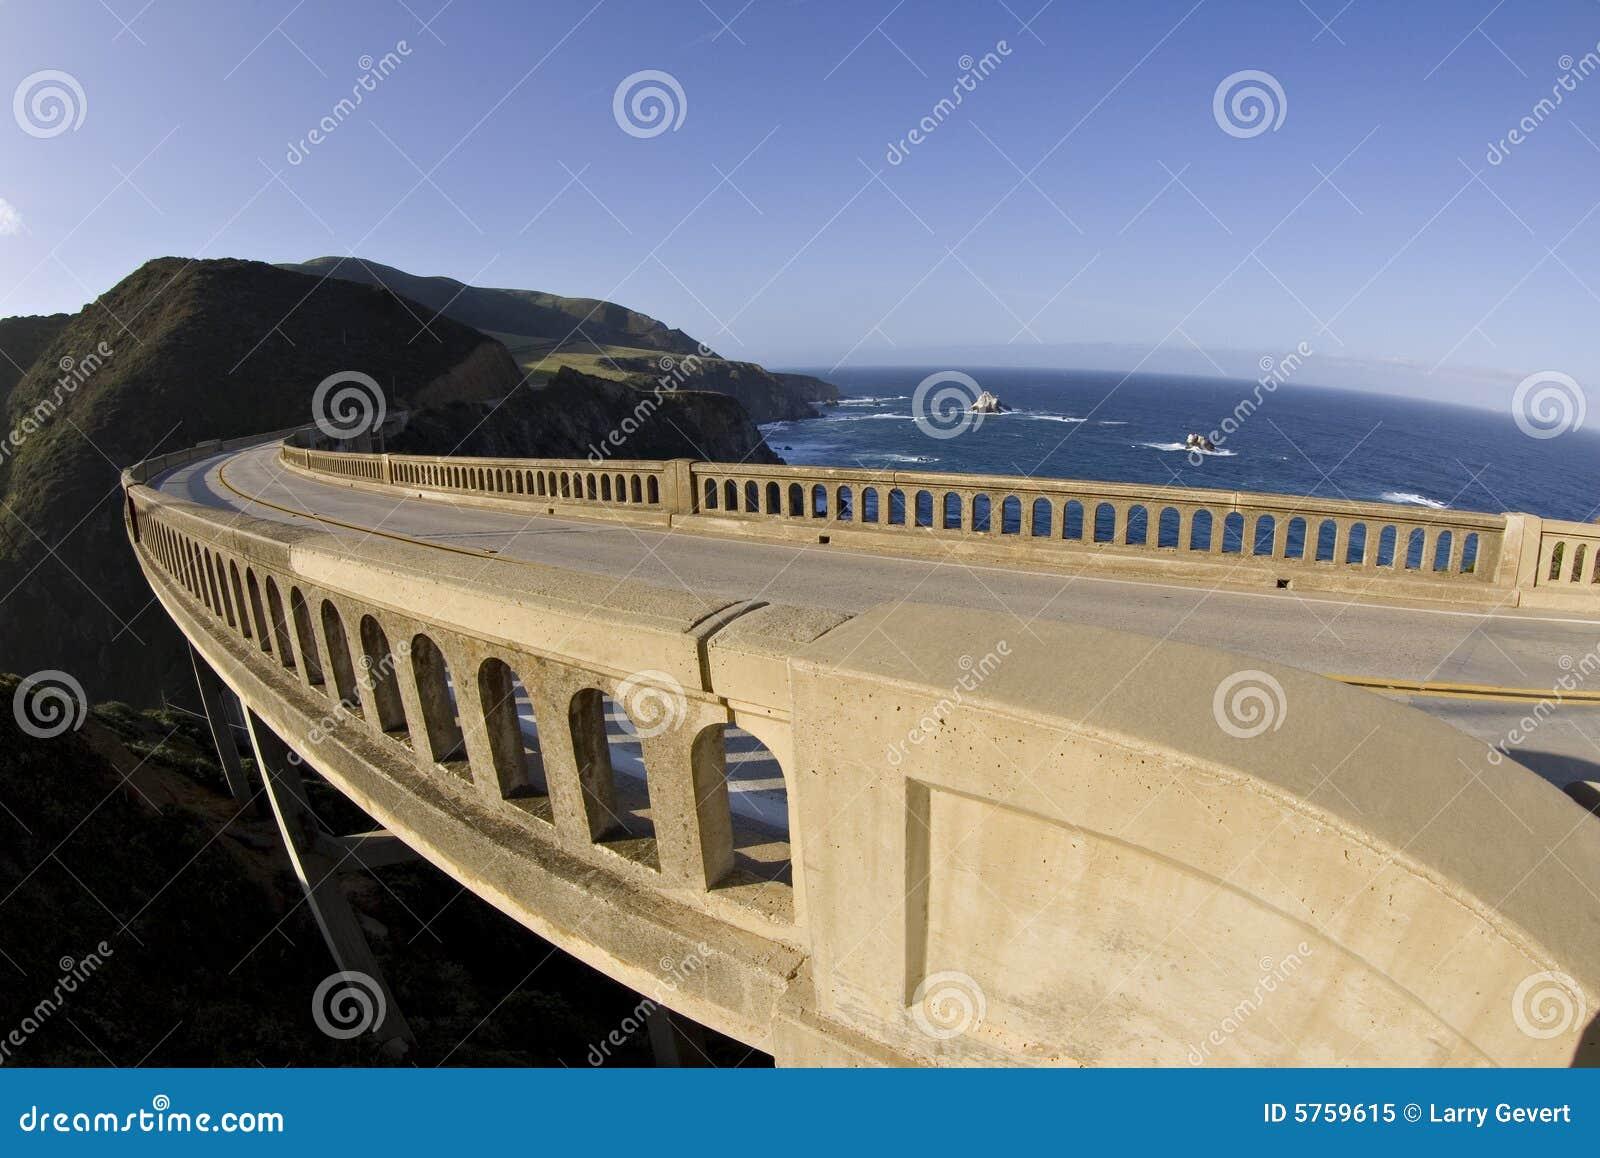 Verbiegende Brücke großes Sur Kalifornien